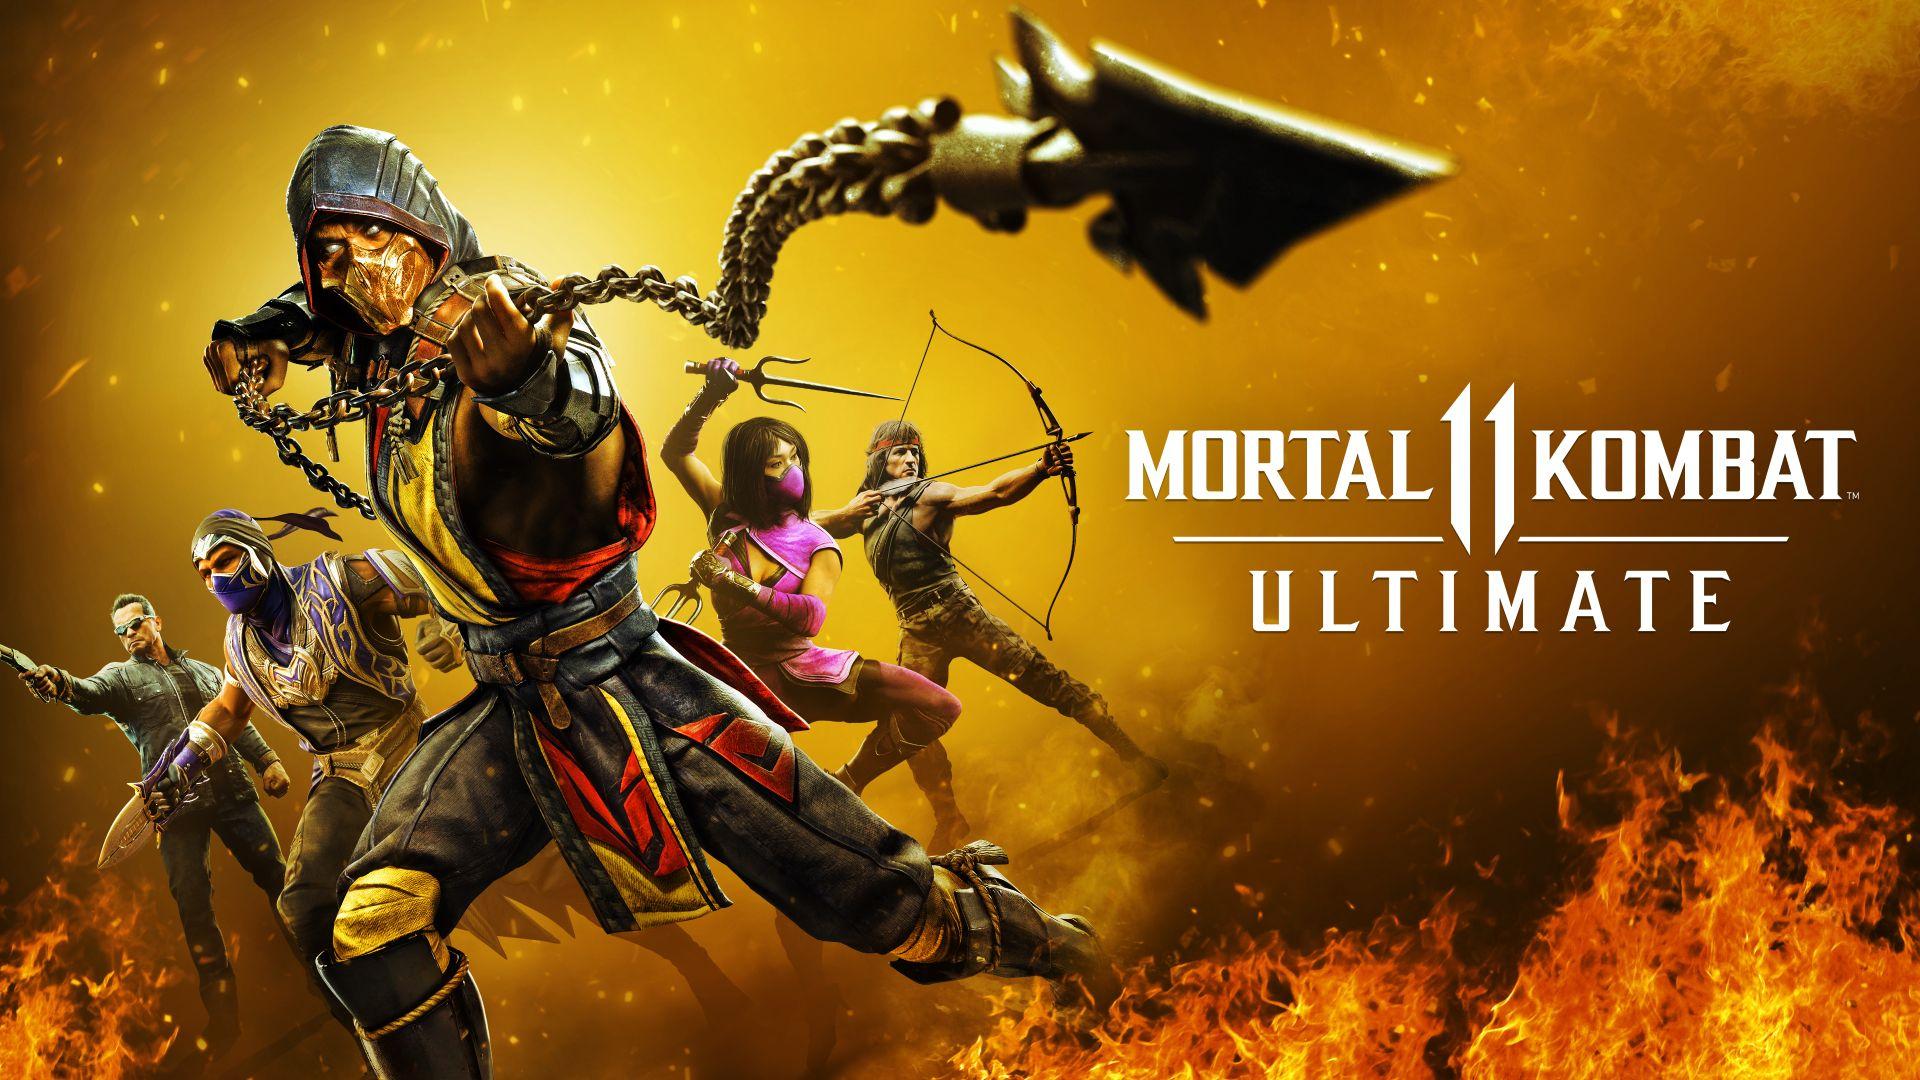 Jeu Mortal kombat 11 ultimate sur PC (Dématérialisé, Steam)